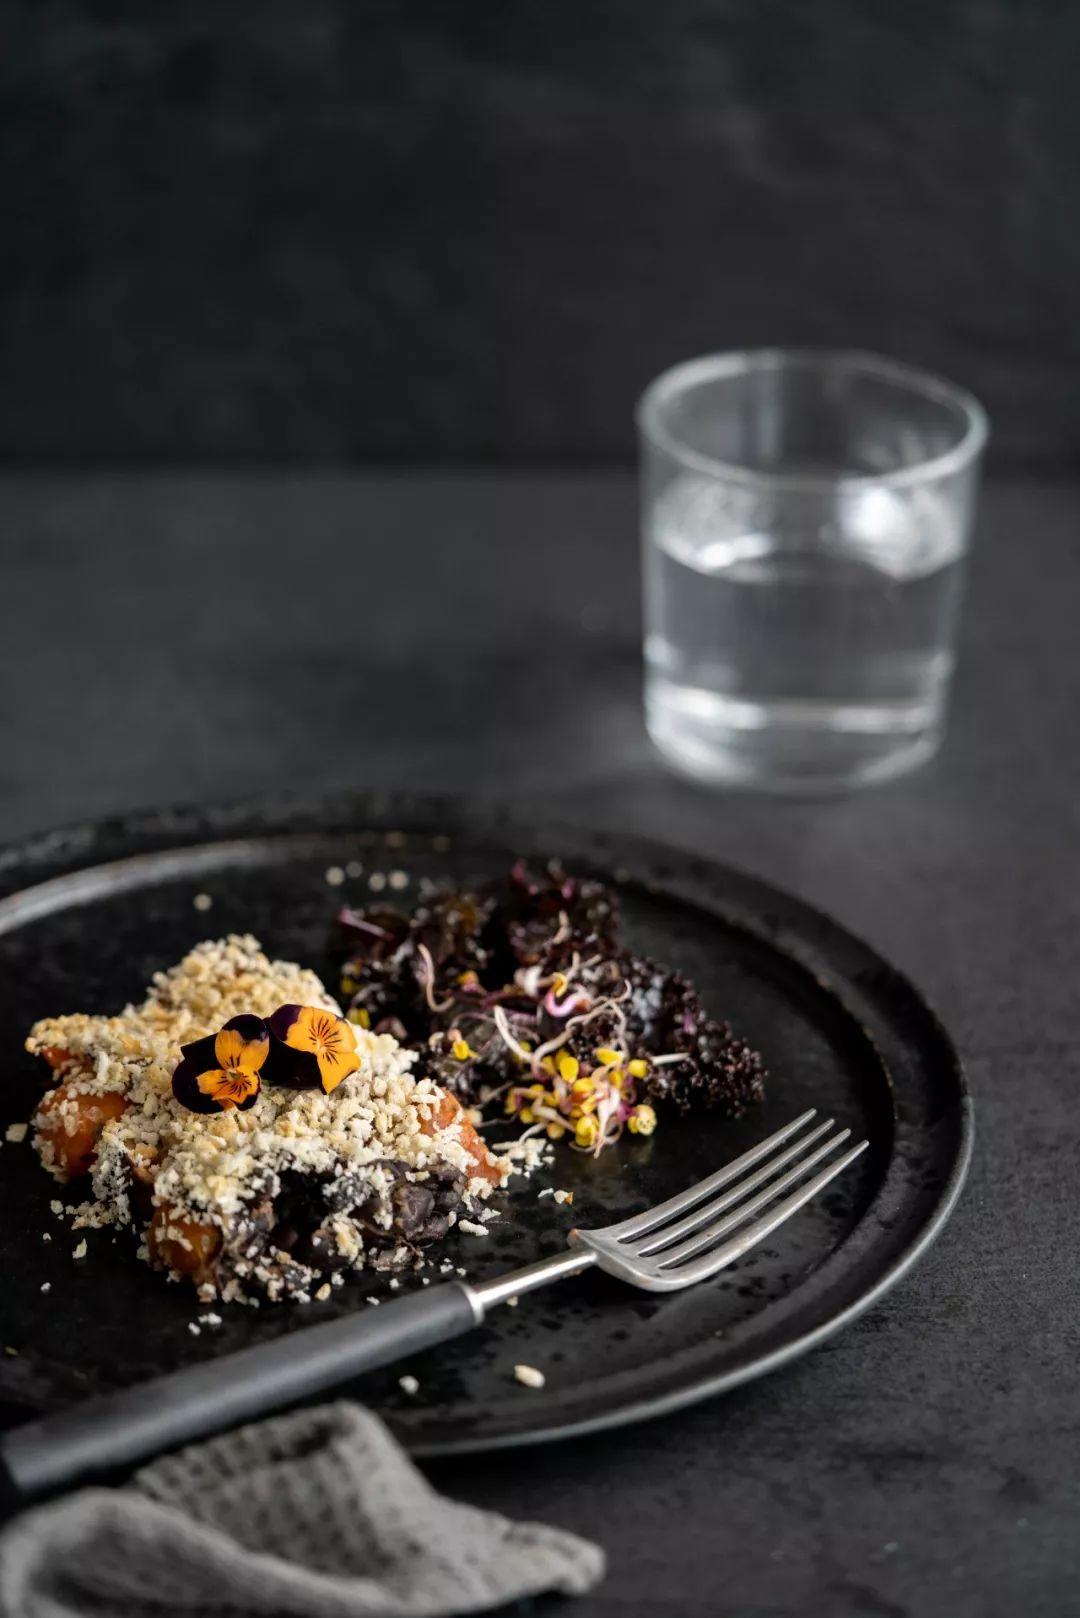 【步骤图】超好喝的黑米黑豆黑芝麻豆浆的做法_超好喝... _下厨房